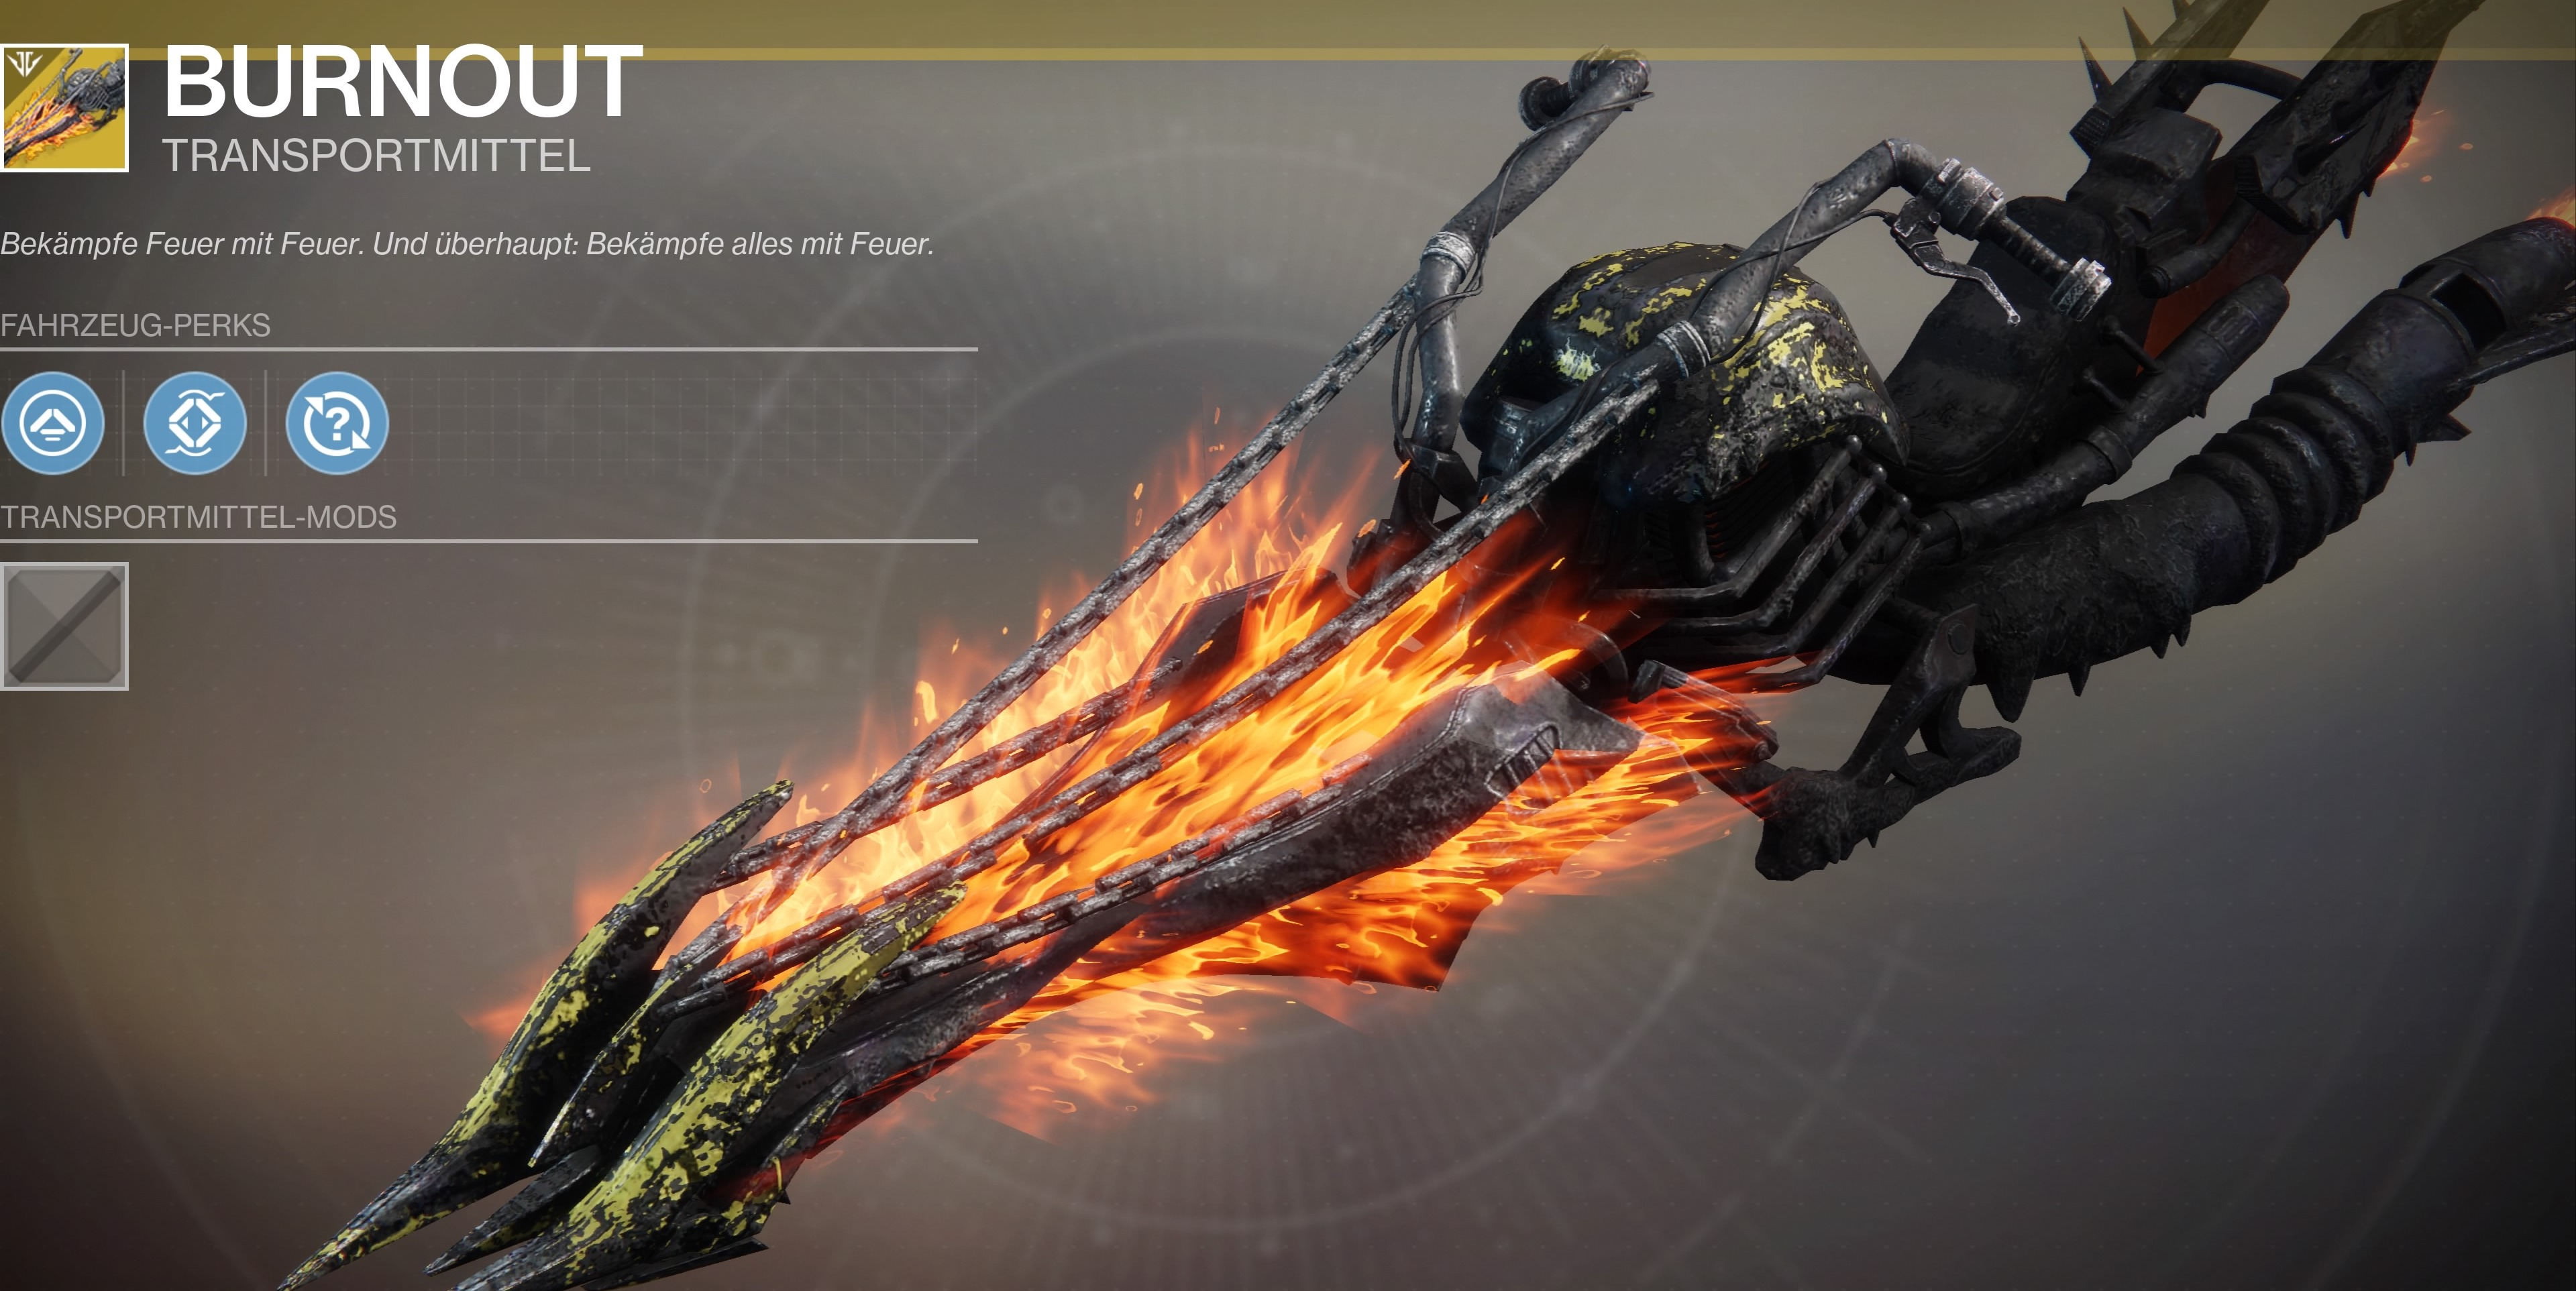 Destiny 2 burnout sparrow